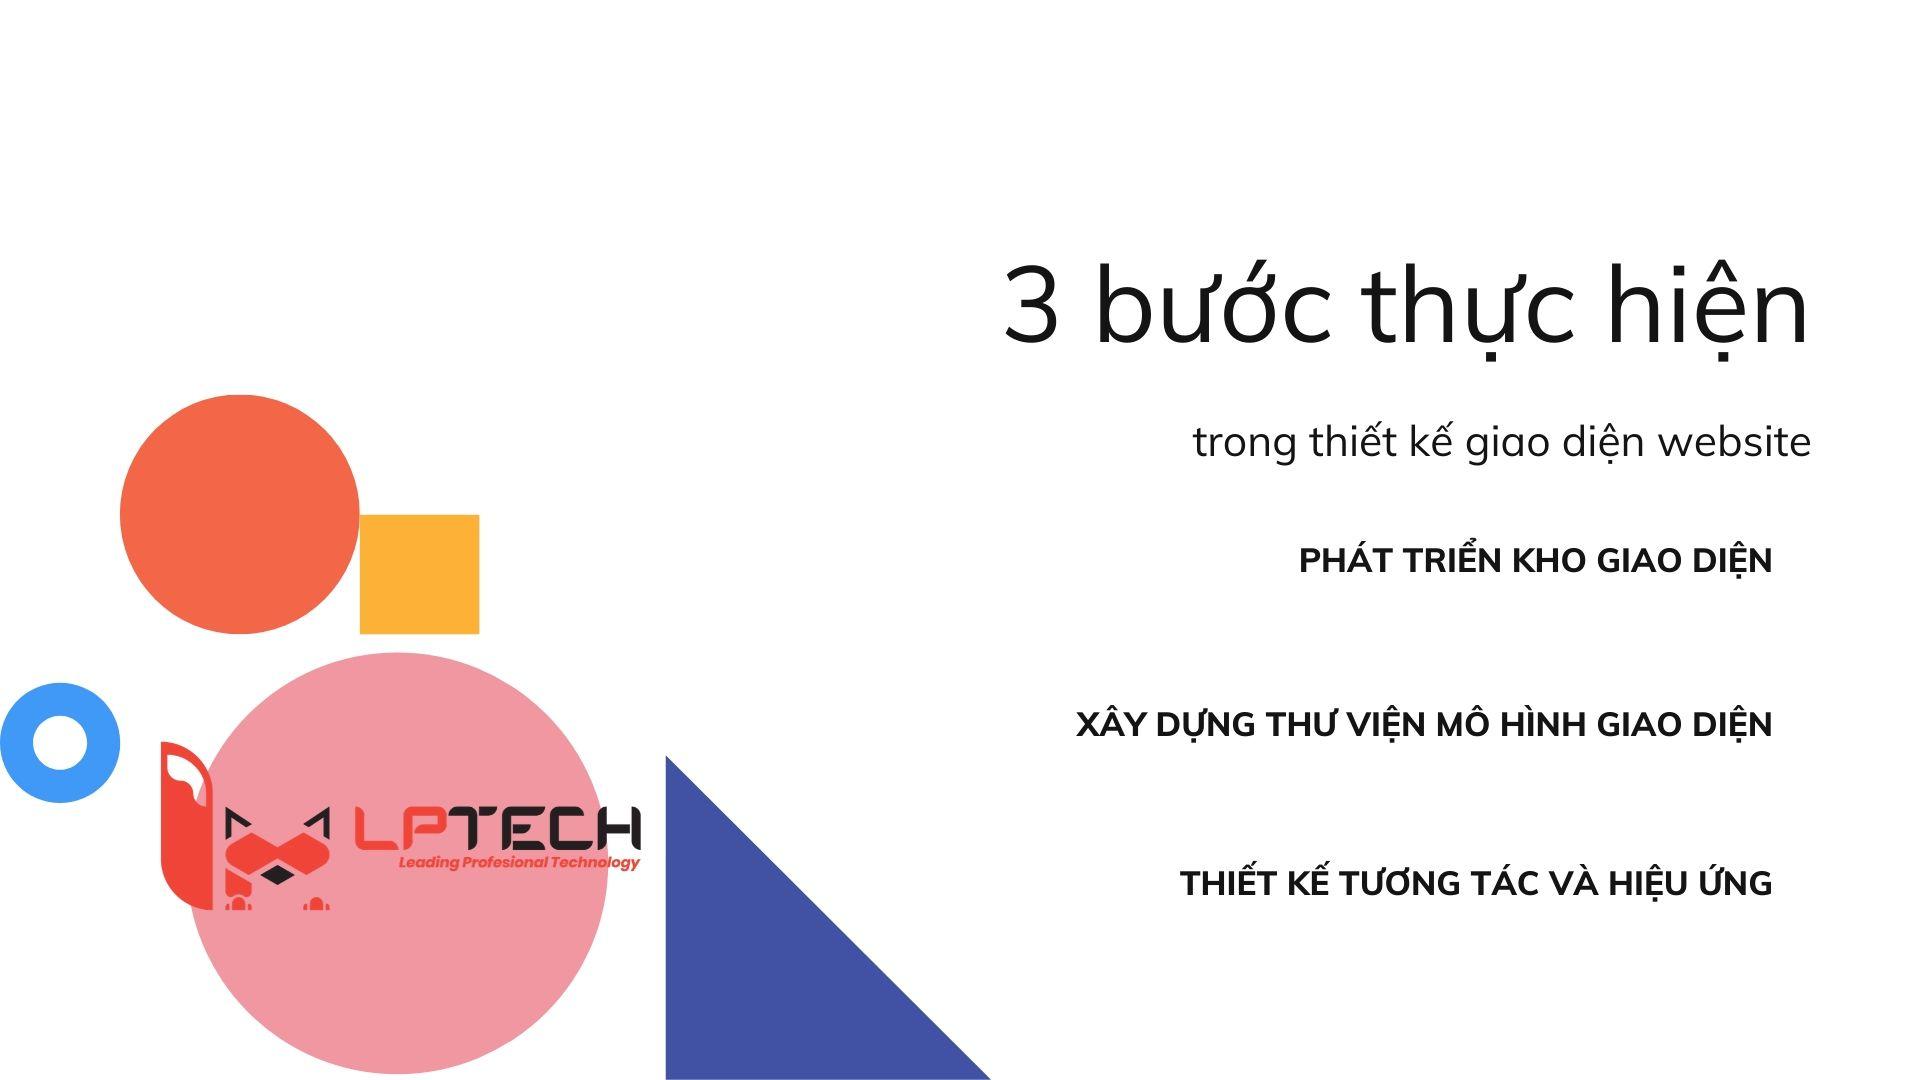 ba bước thực hiện trong thiết kế giao diện dành cho website